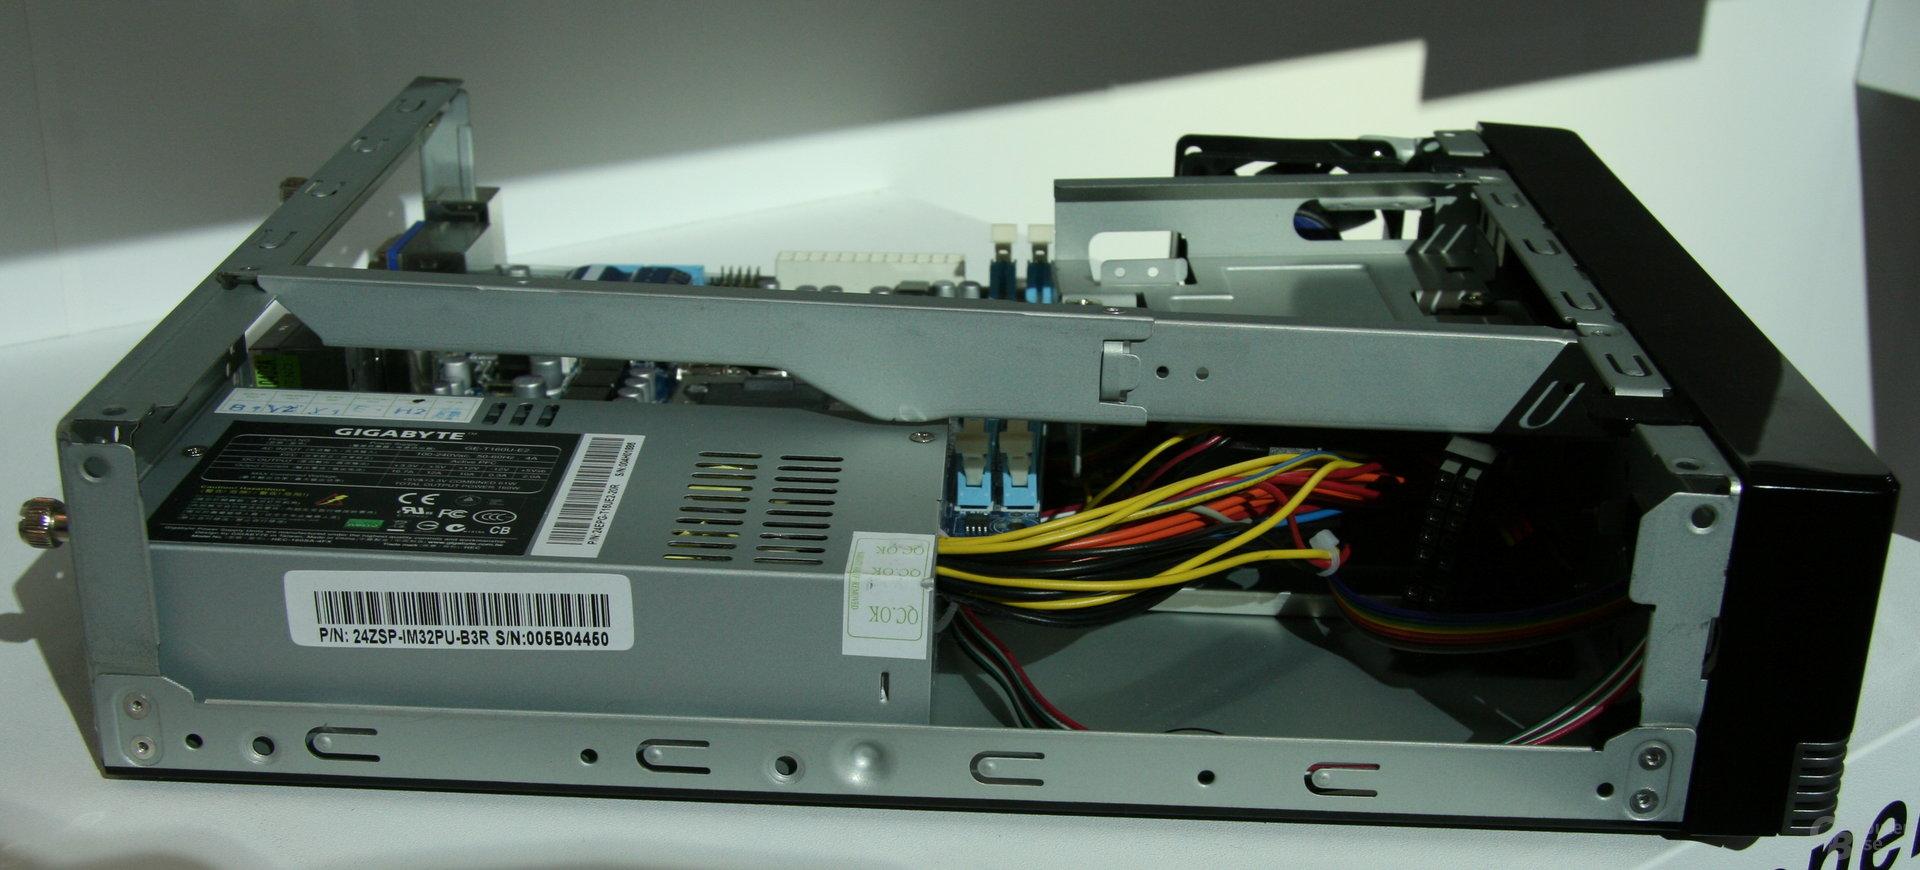 H55-Mini-ITX-Bard im passenden Gehäuse